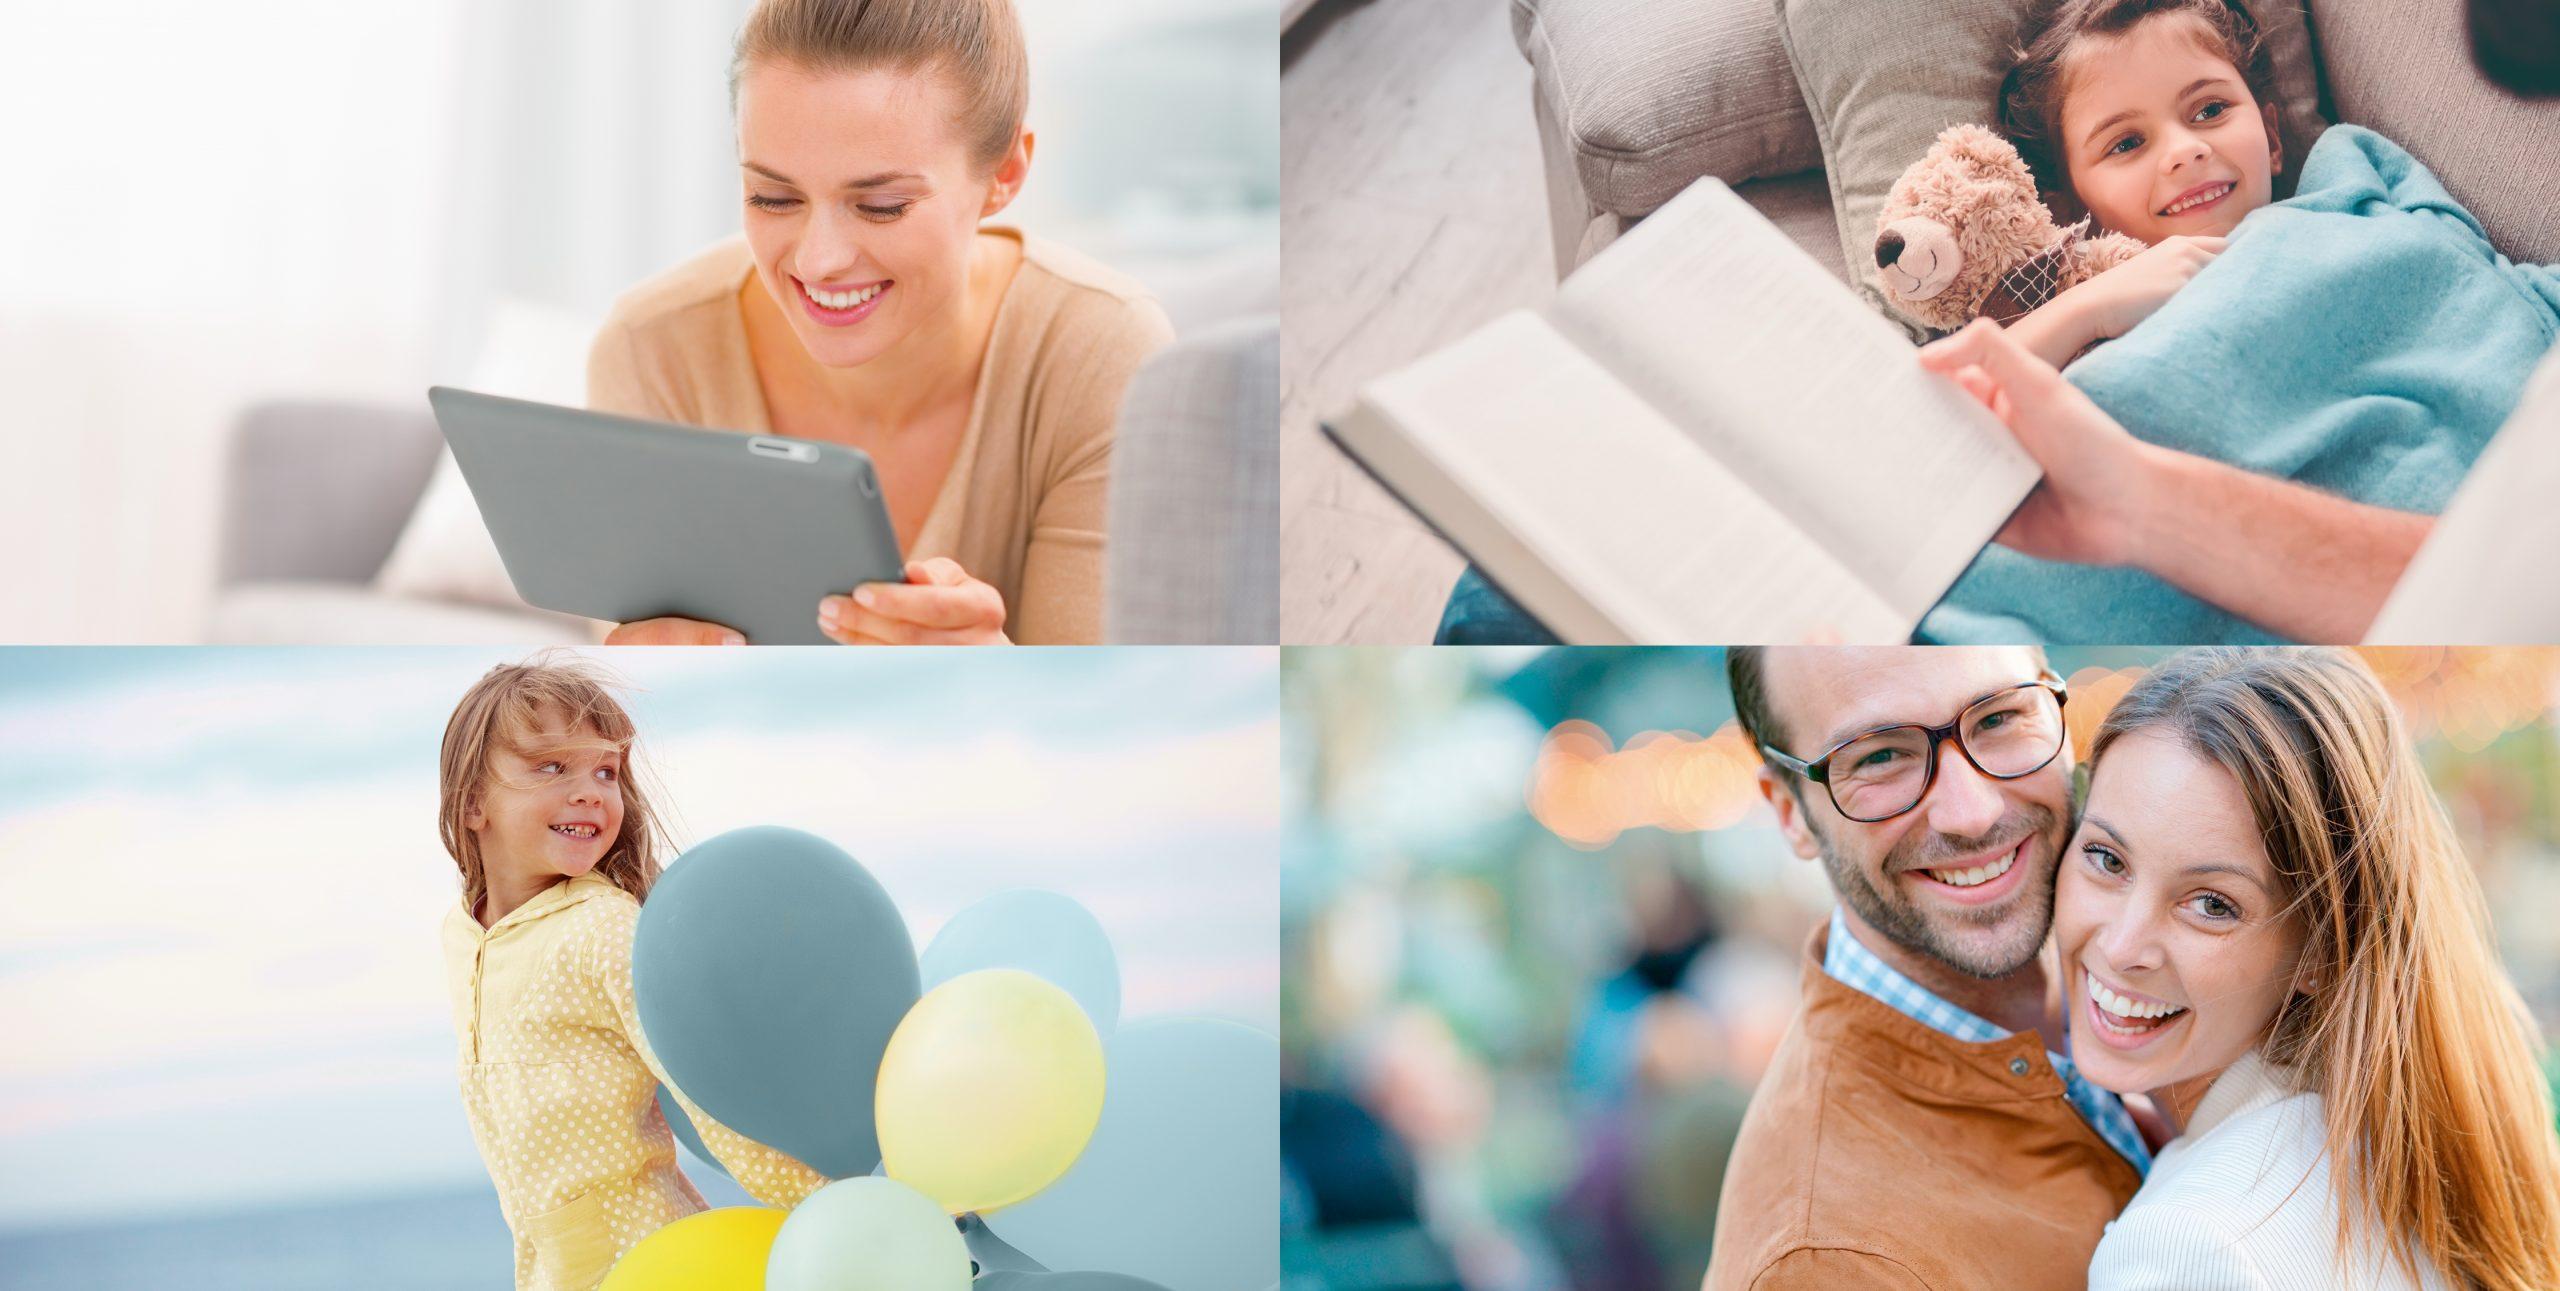 Philips Pensionskasse: CD-Entwicklung von Bosbach, Bildsprache